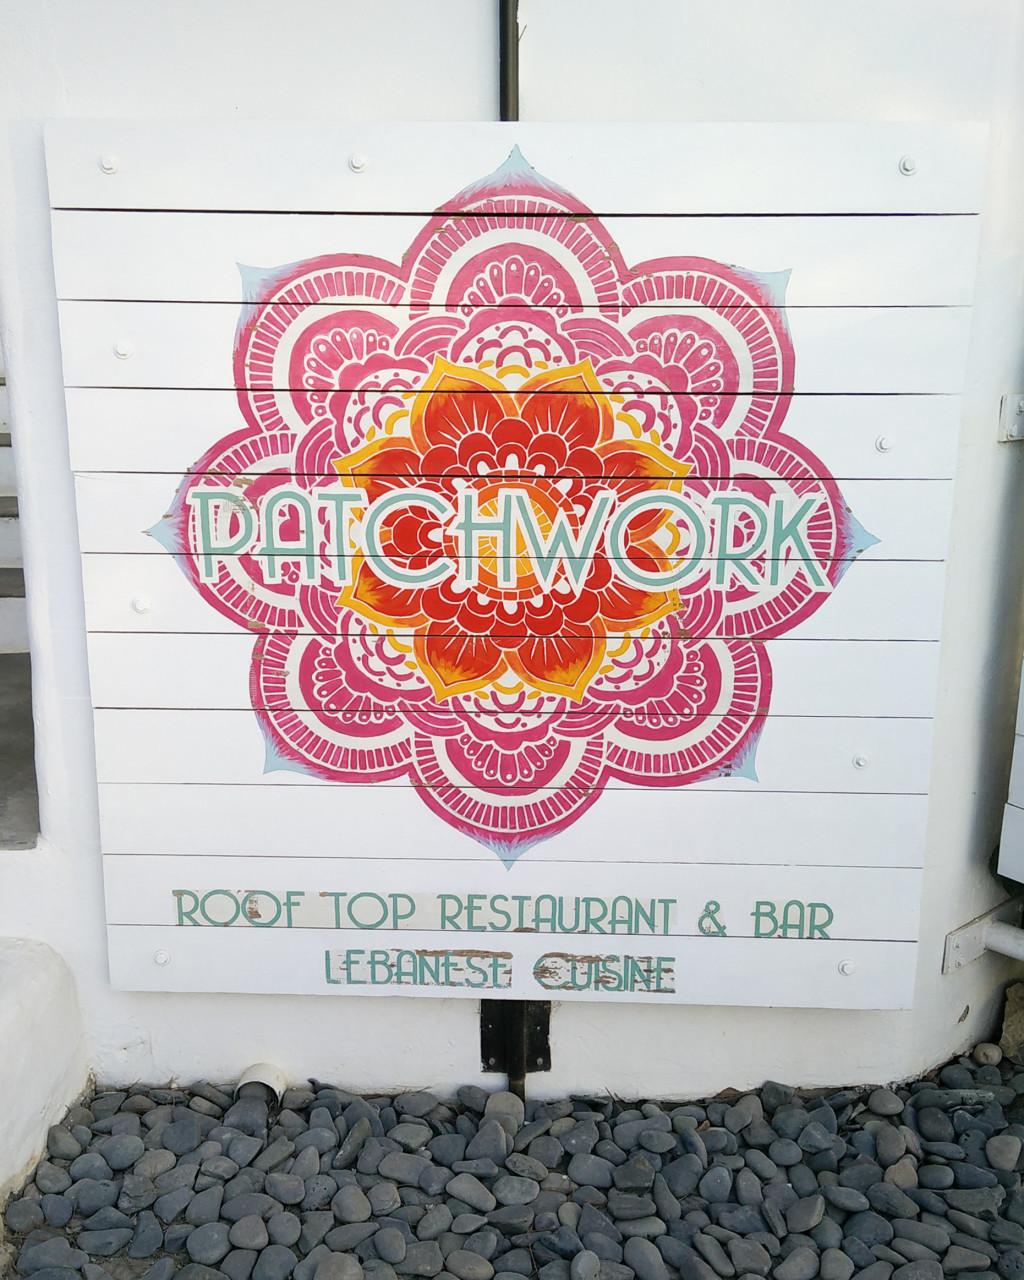 Patchwork restaurant Ibiza sign